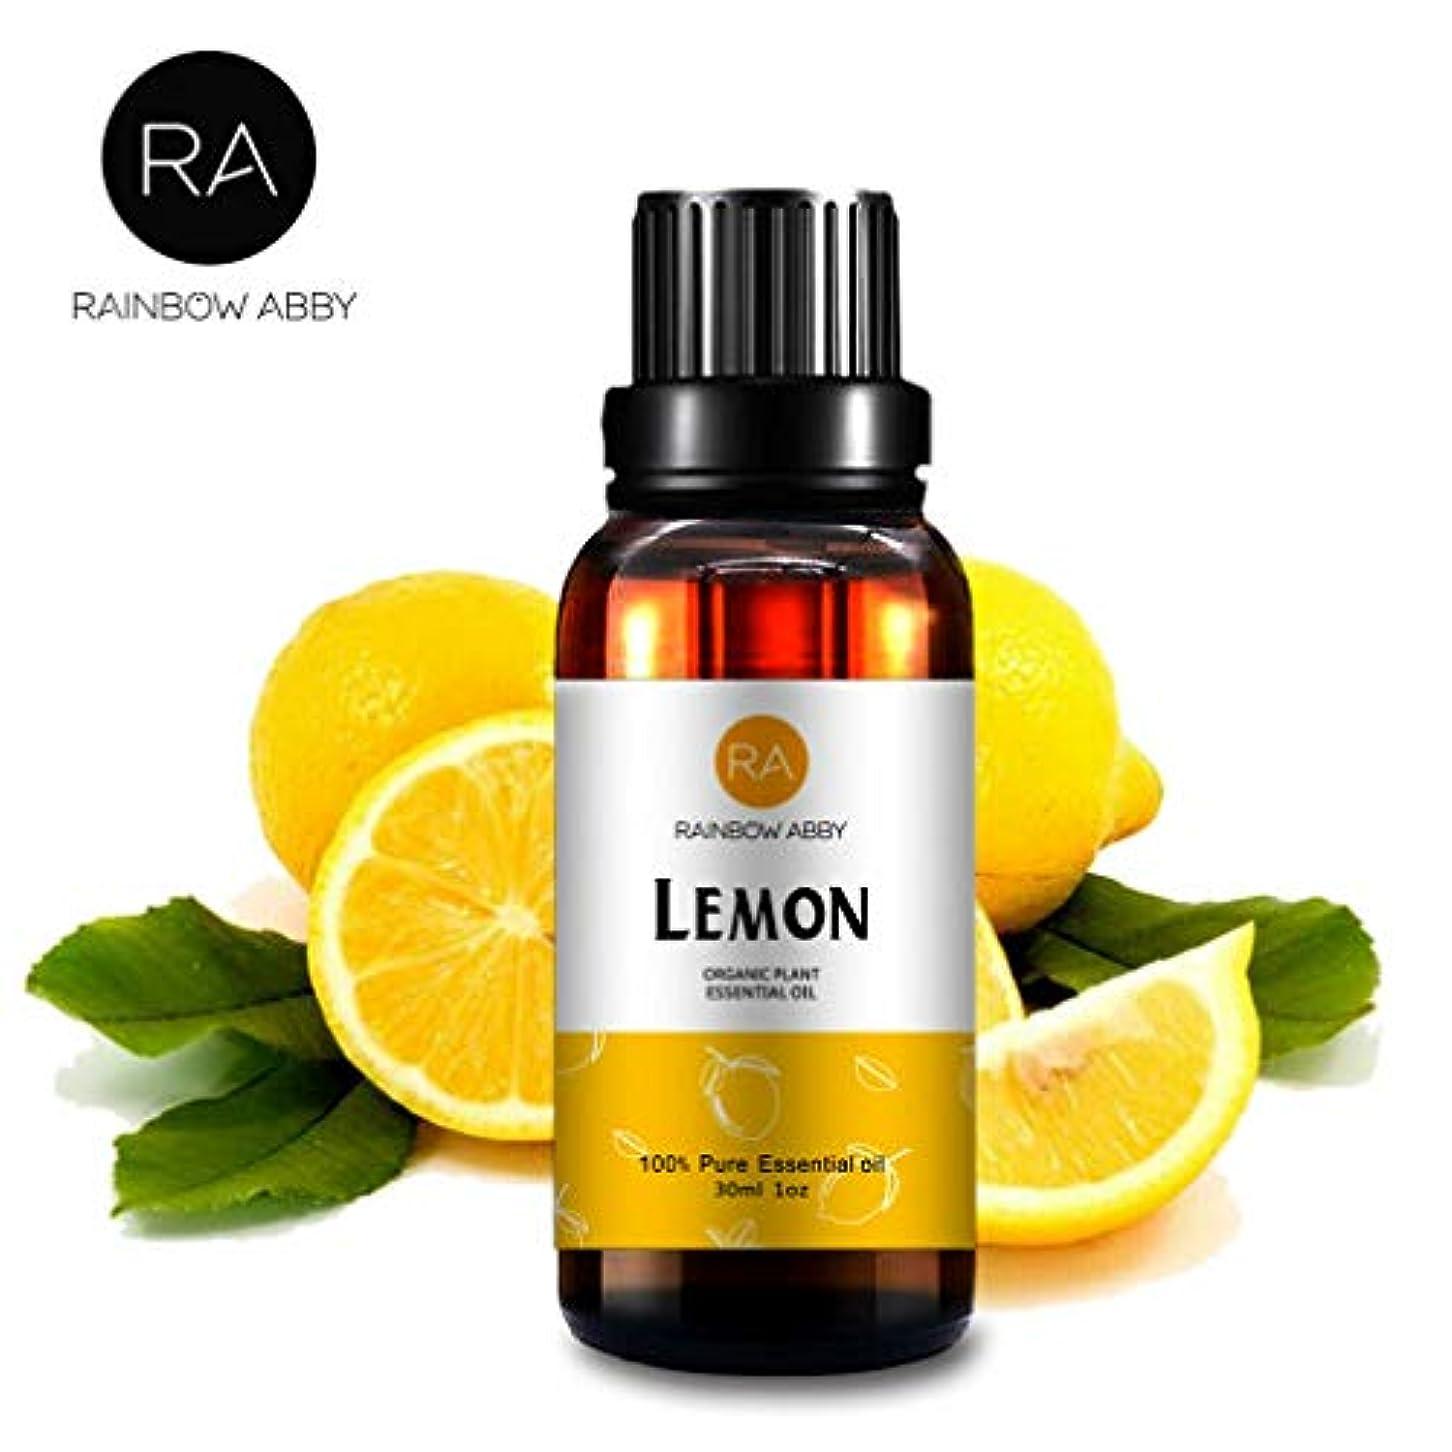 巻き取り日光頬RAINBOW ABBY レモンエッセンシャル オイル ディフューザー アロマ セラピー オイル (30ML/1oz) 100% ピュアオーガニック 植物 エキスレモン オイル